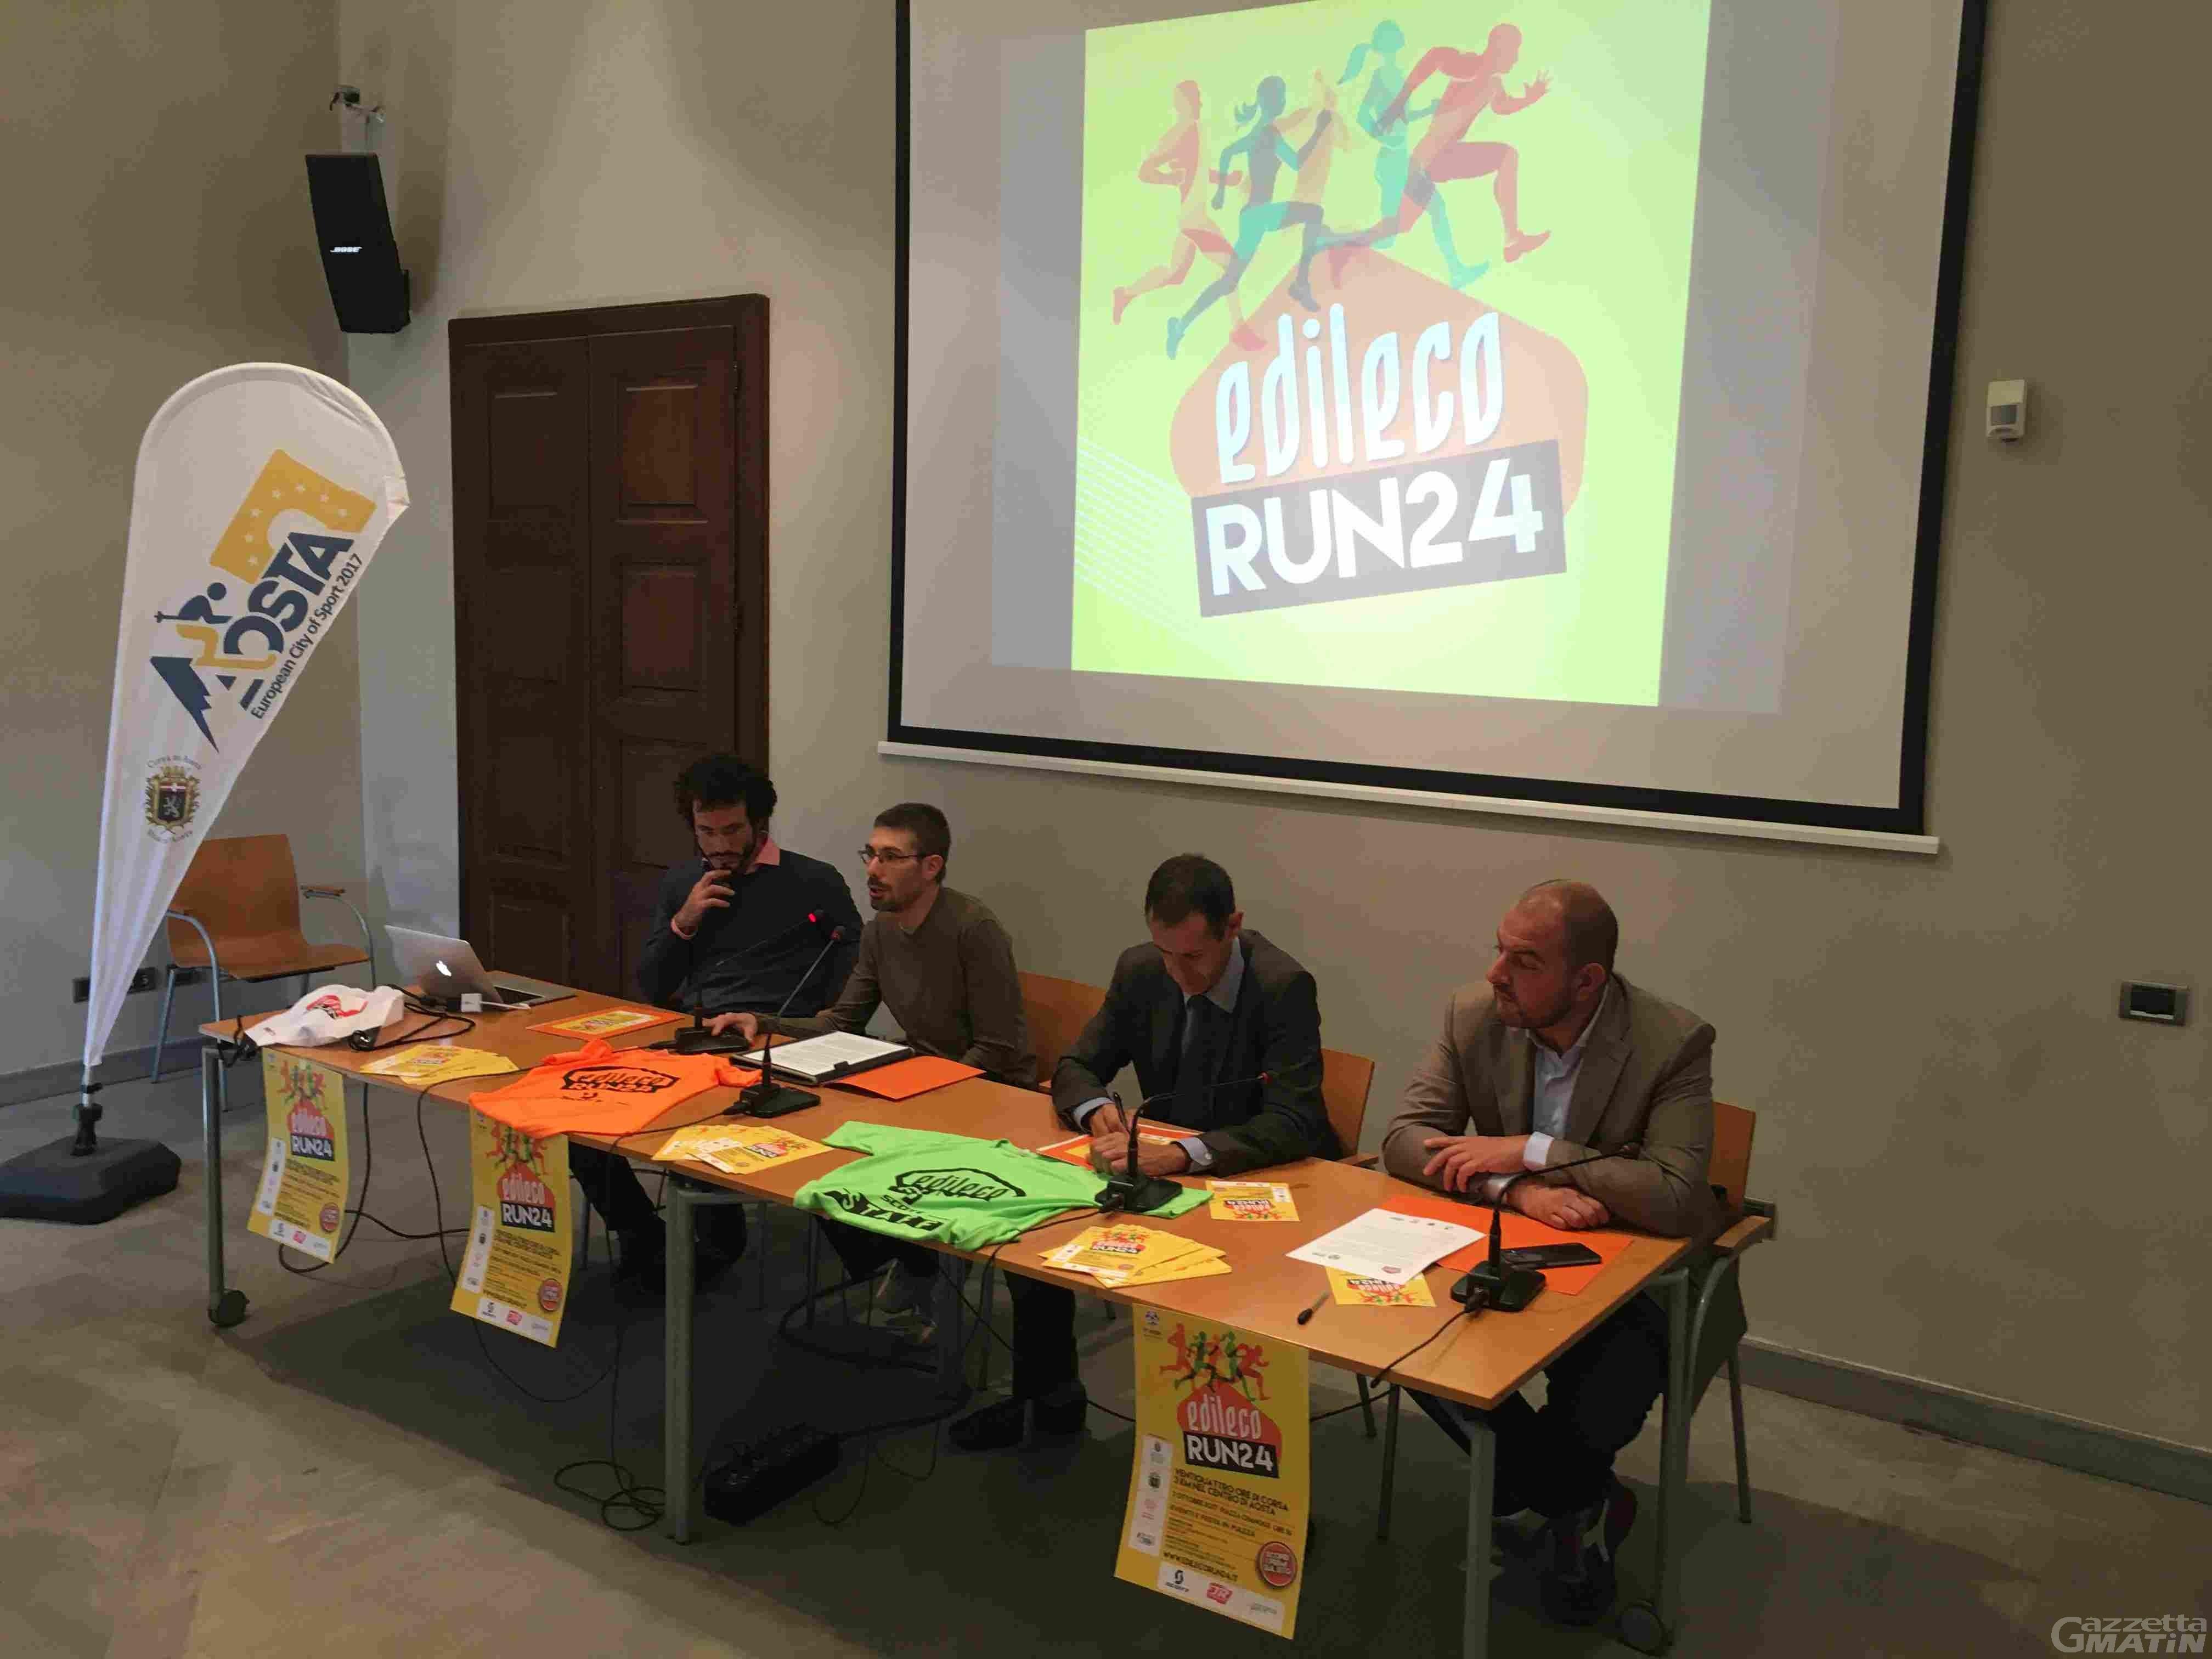 Podismo: una staffetta di 24 ore nel centro di Aosta